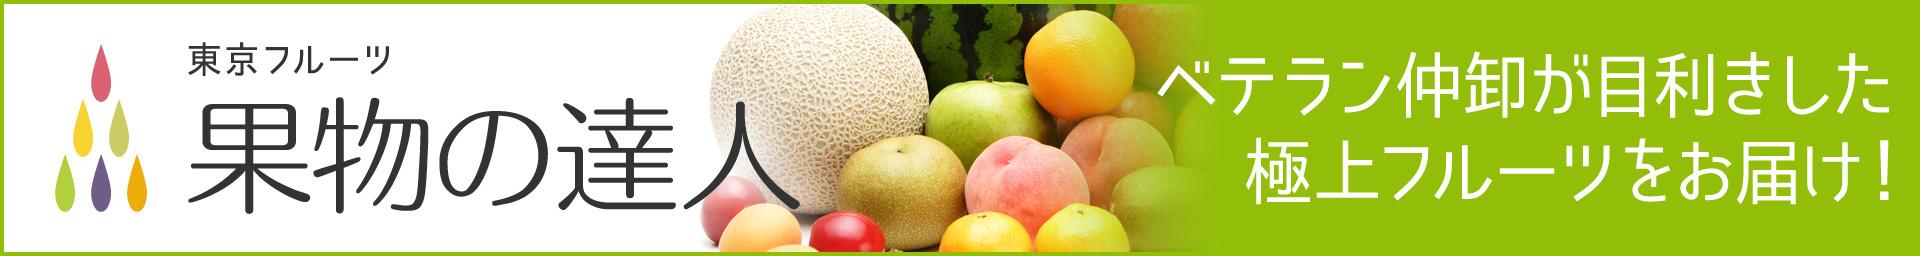 ベテラン仲卸が目利きした極上フルーツをお届け!果物の達人